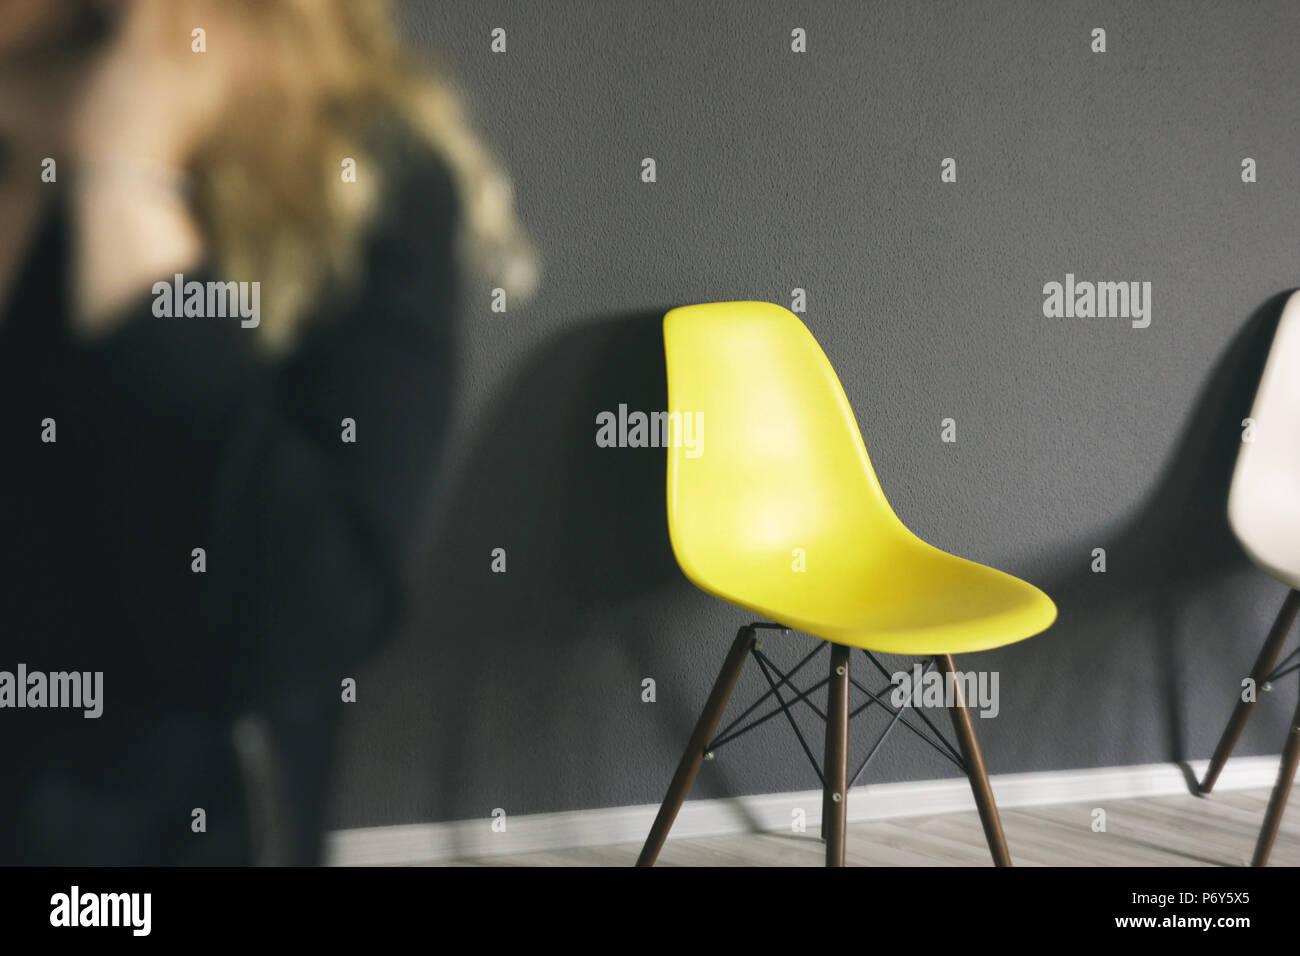 Chaise jaune contre mur noir détails de lintérieur bureau moderne